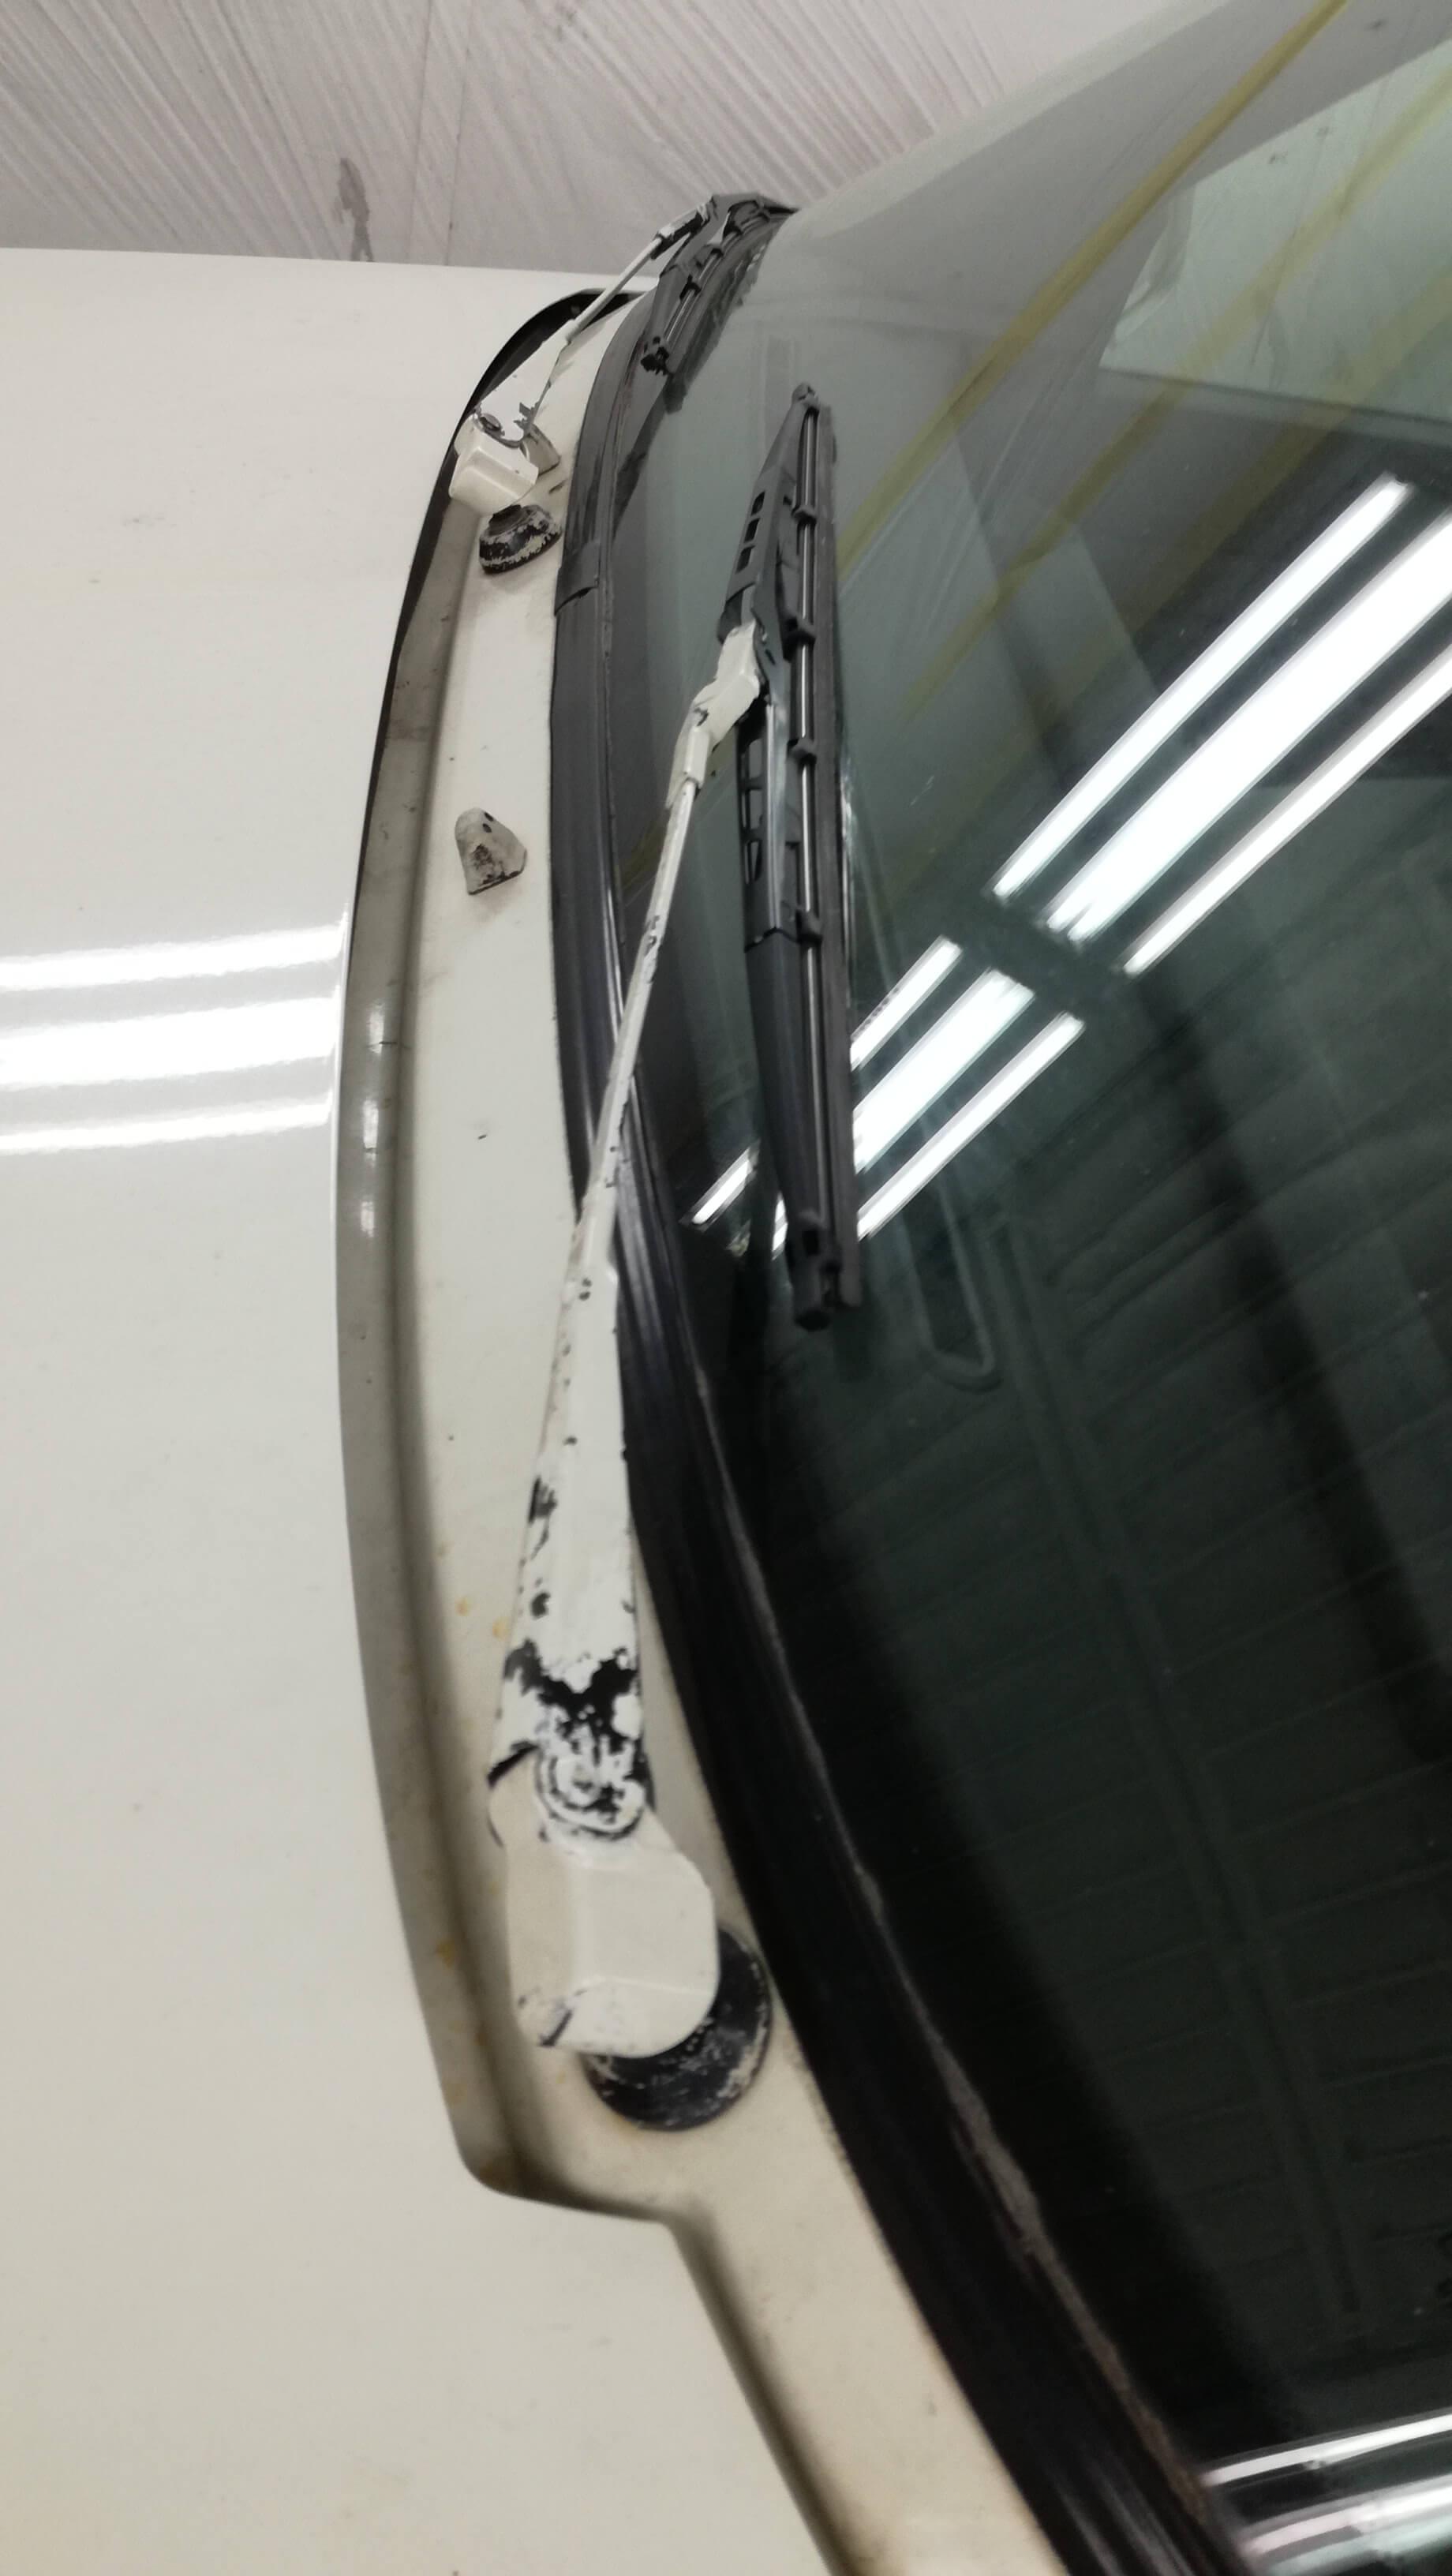 parabrisas del renault 5 gt turbo